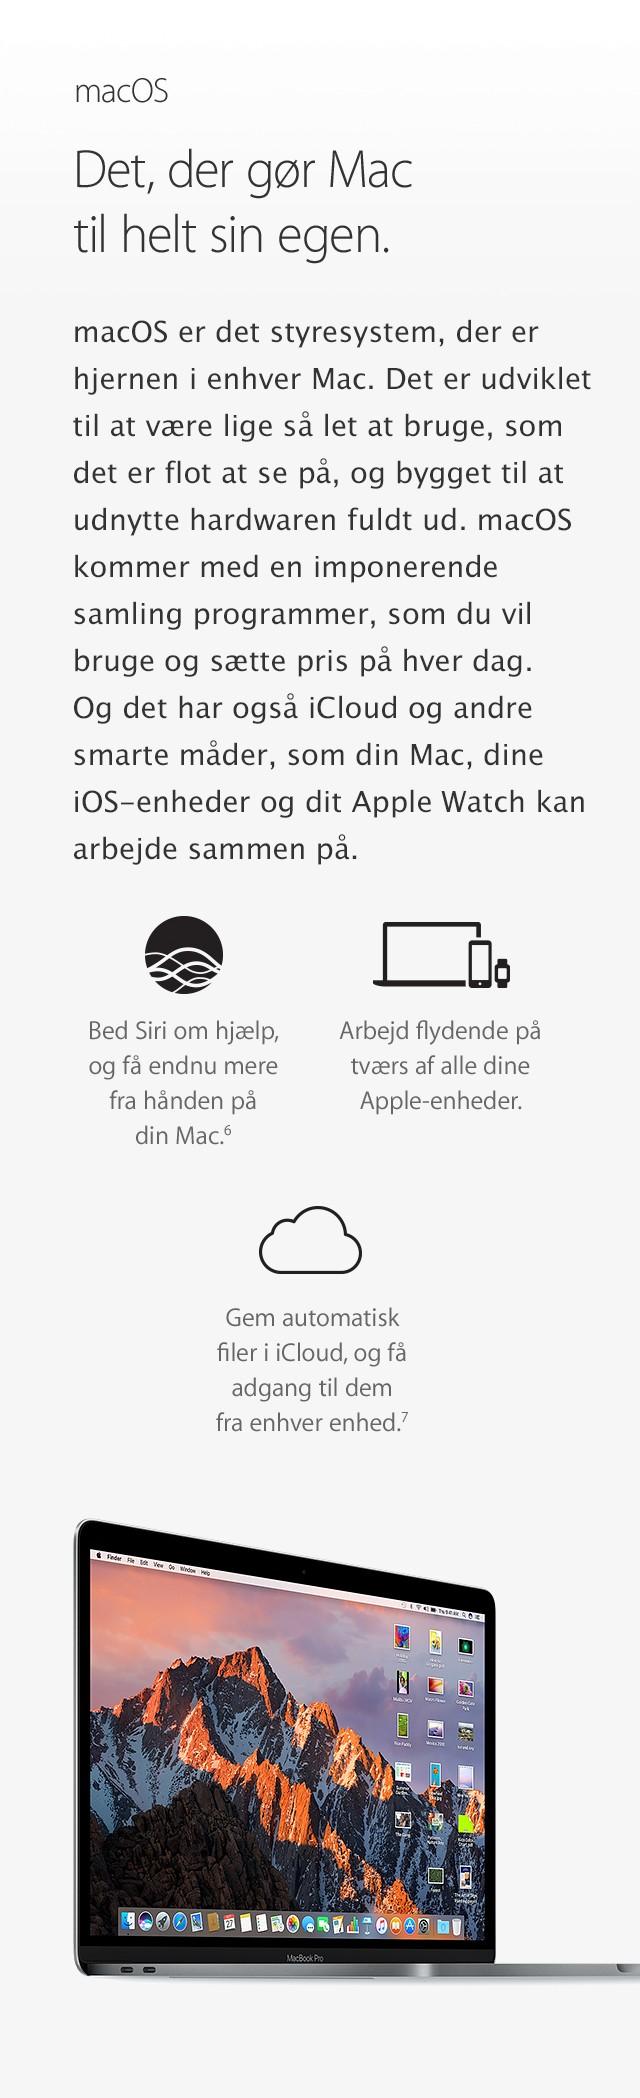 macOS gør MacBook Pro'en til en ener